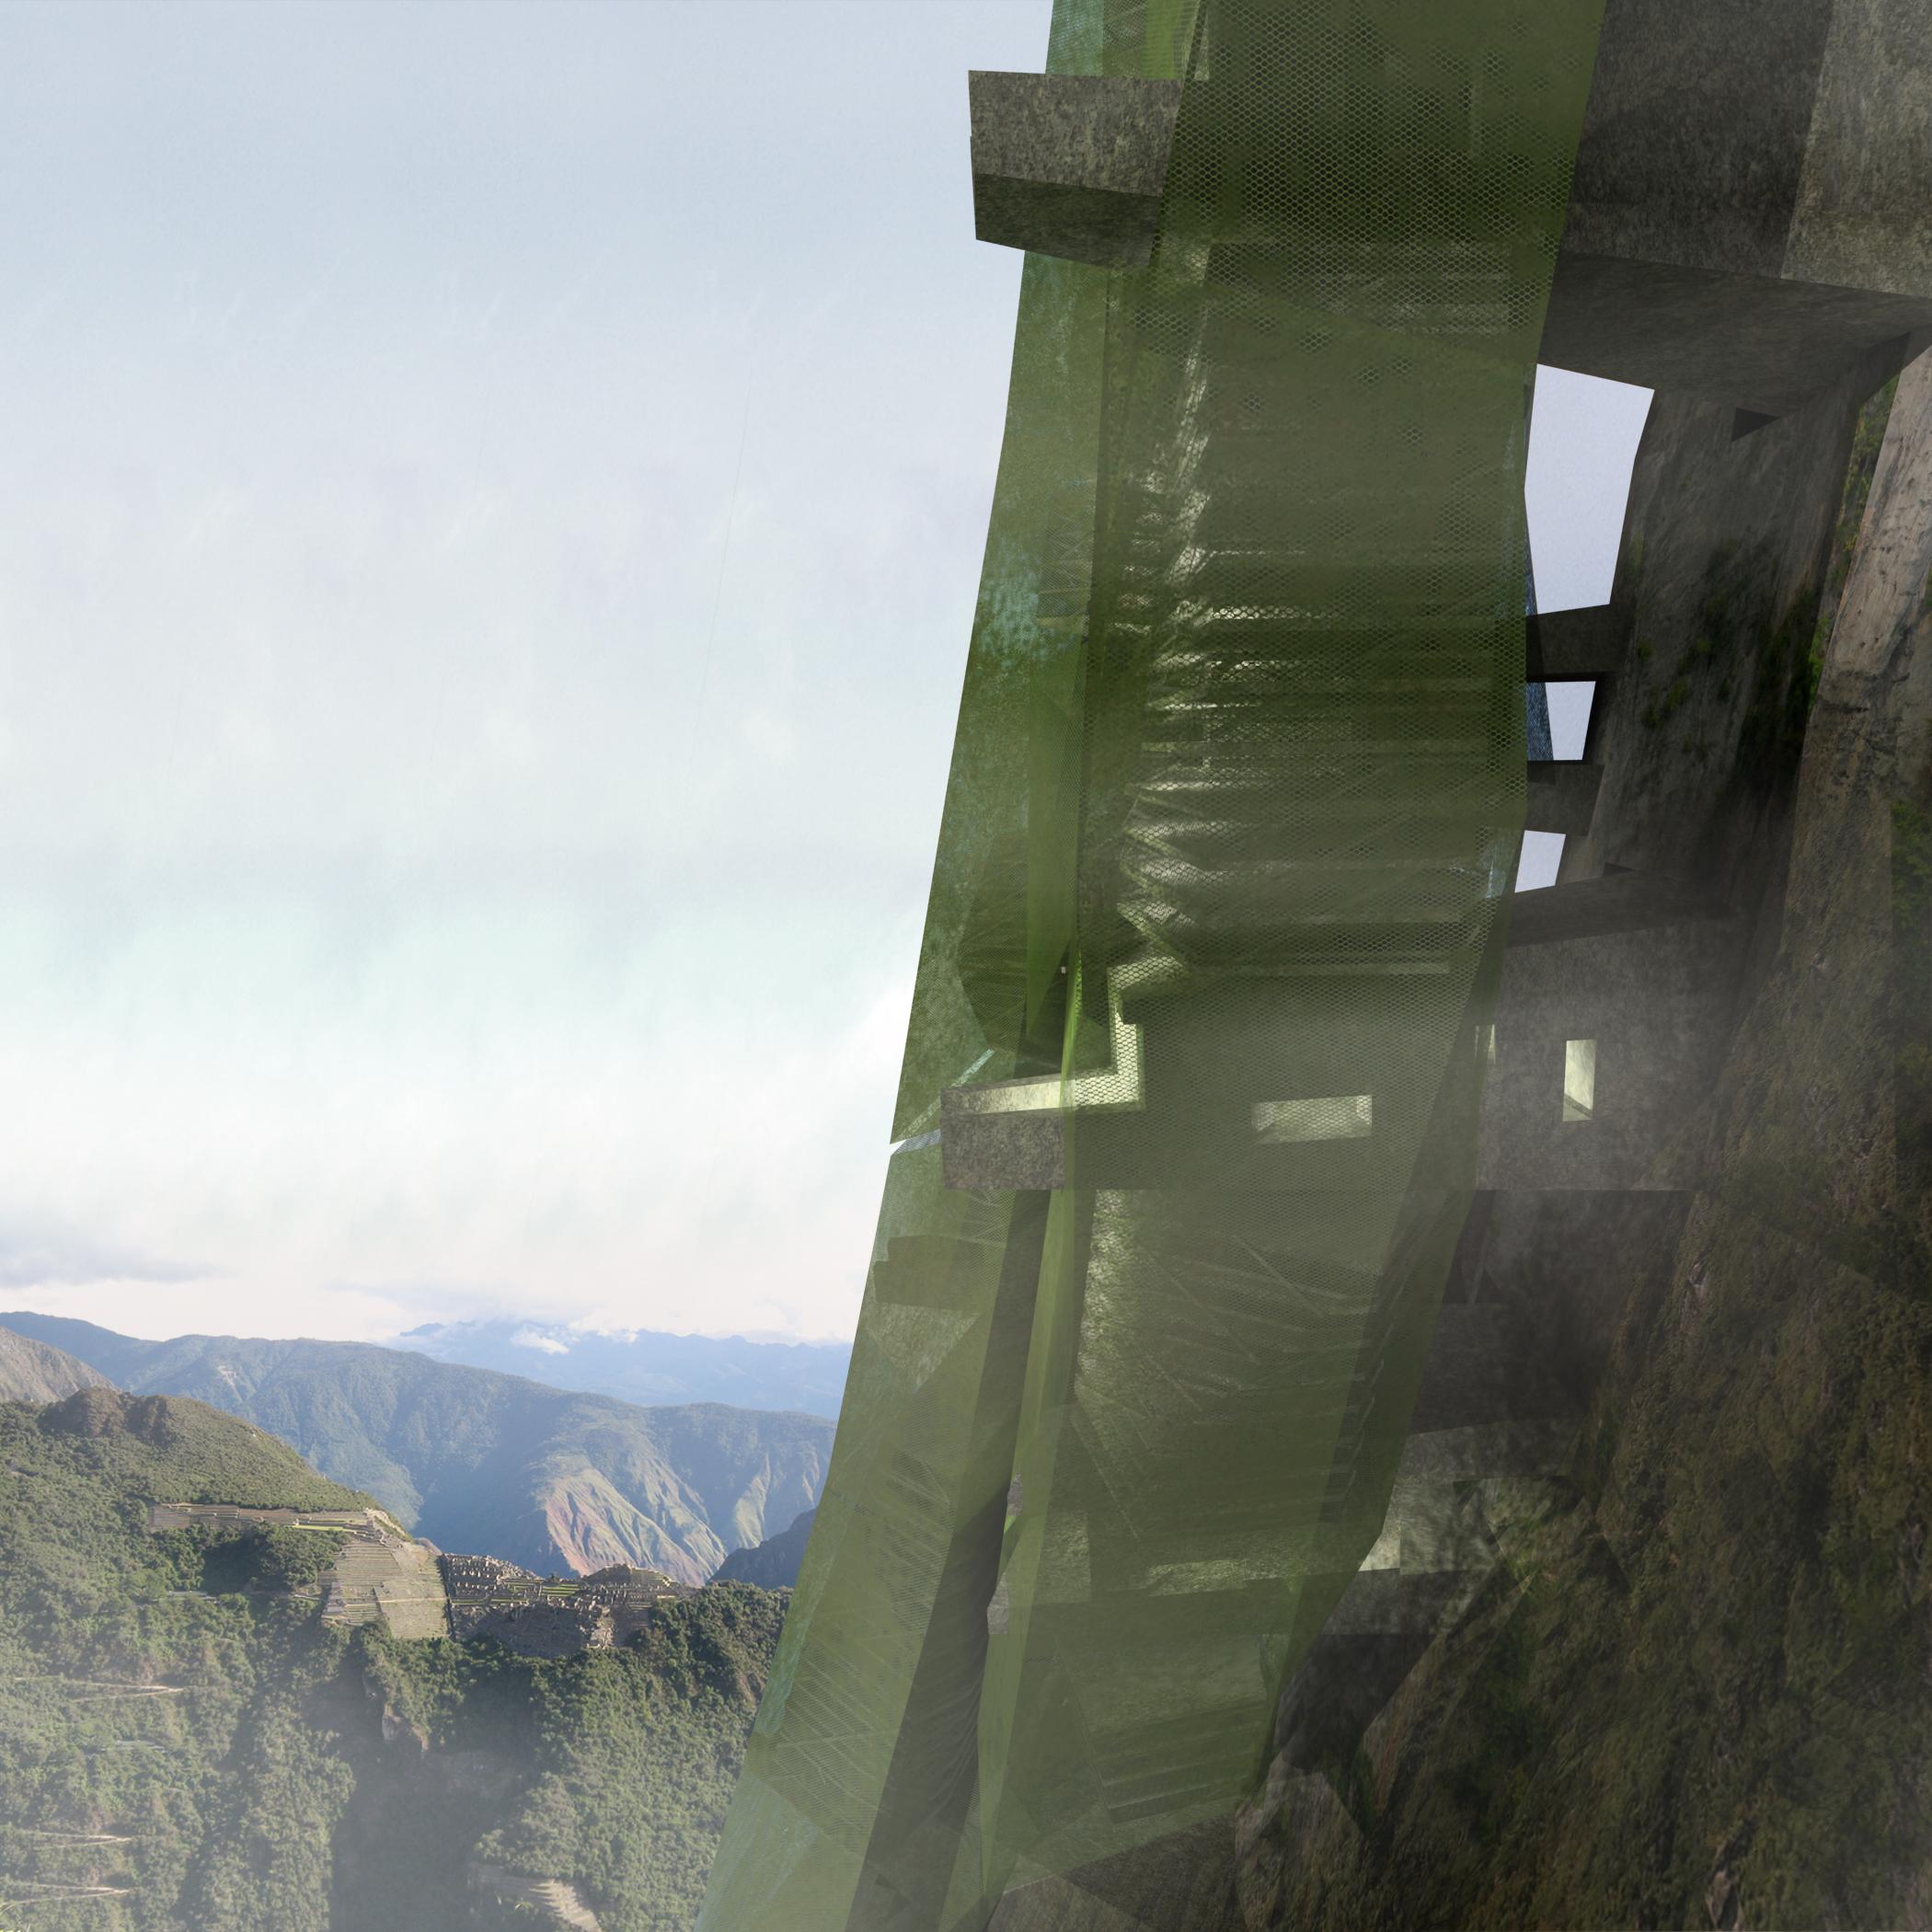 torre 1 copia.jpg